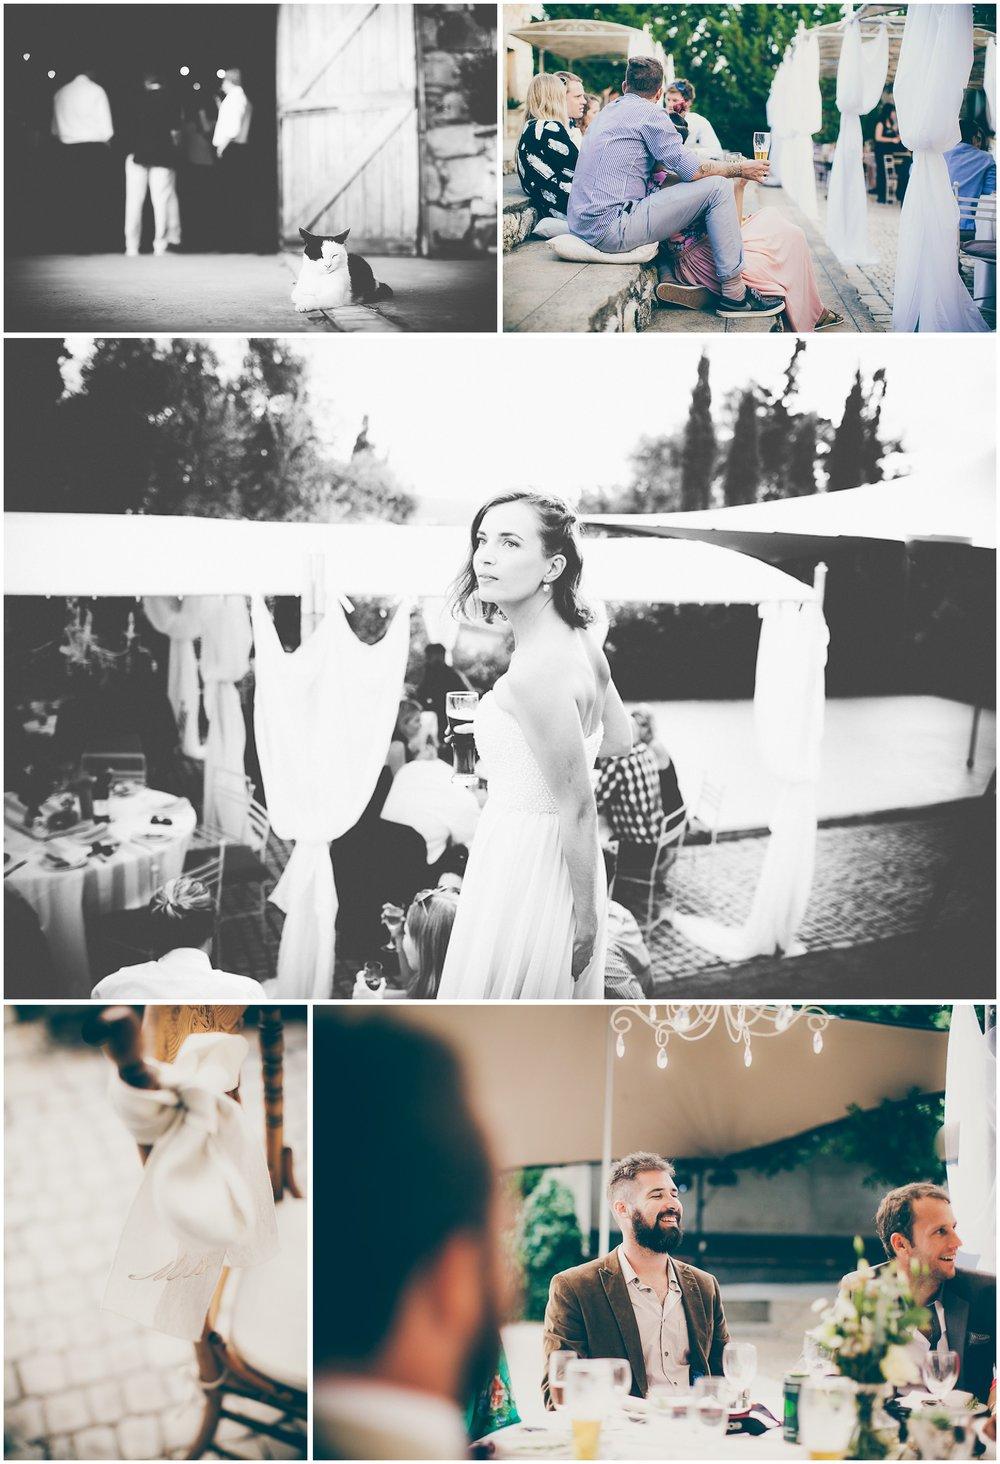 Matt&LaurenTaylor_FionaClair-183.jpg